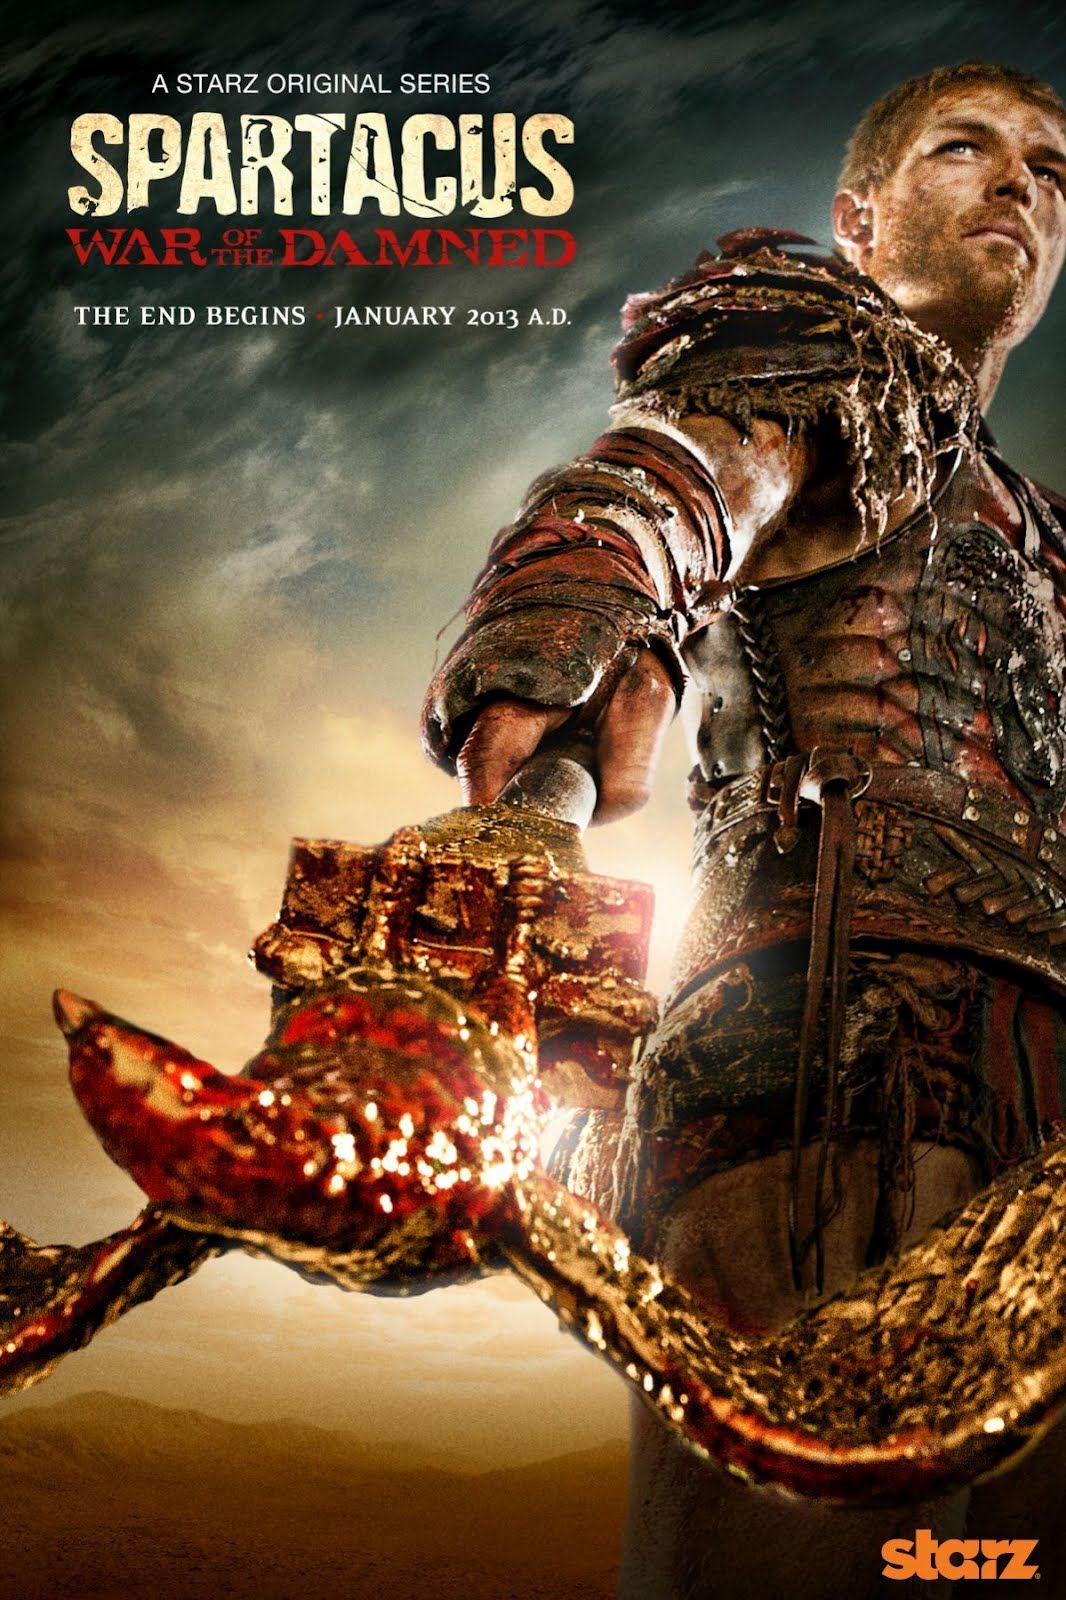 სპარტაკი: დაწყევლილთა ომი - Spartacus. War of the Damned /Спартак: Кровь и песок (2013)